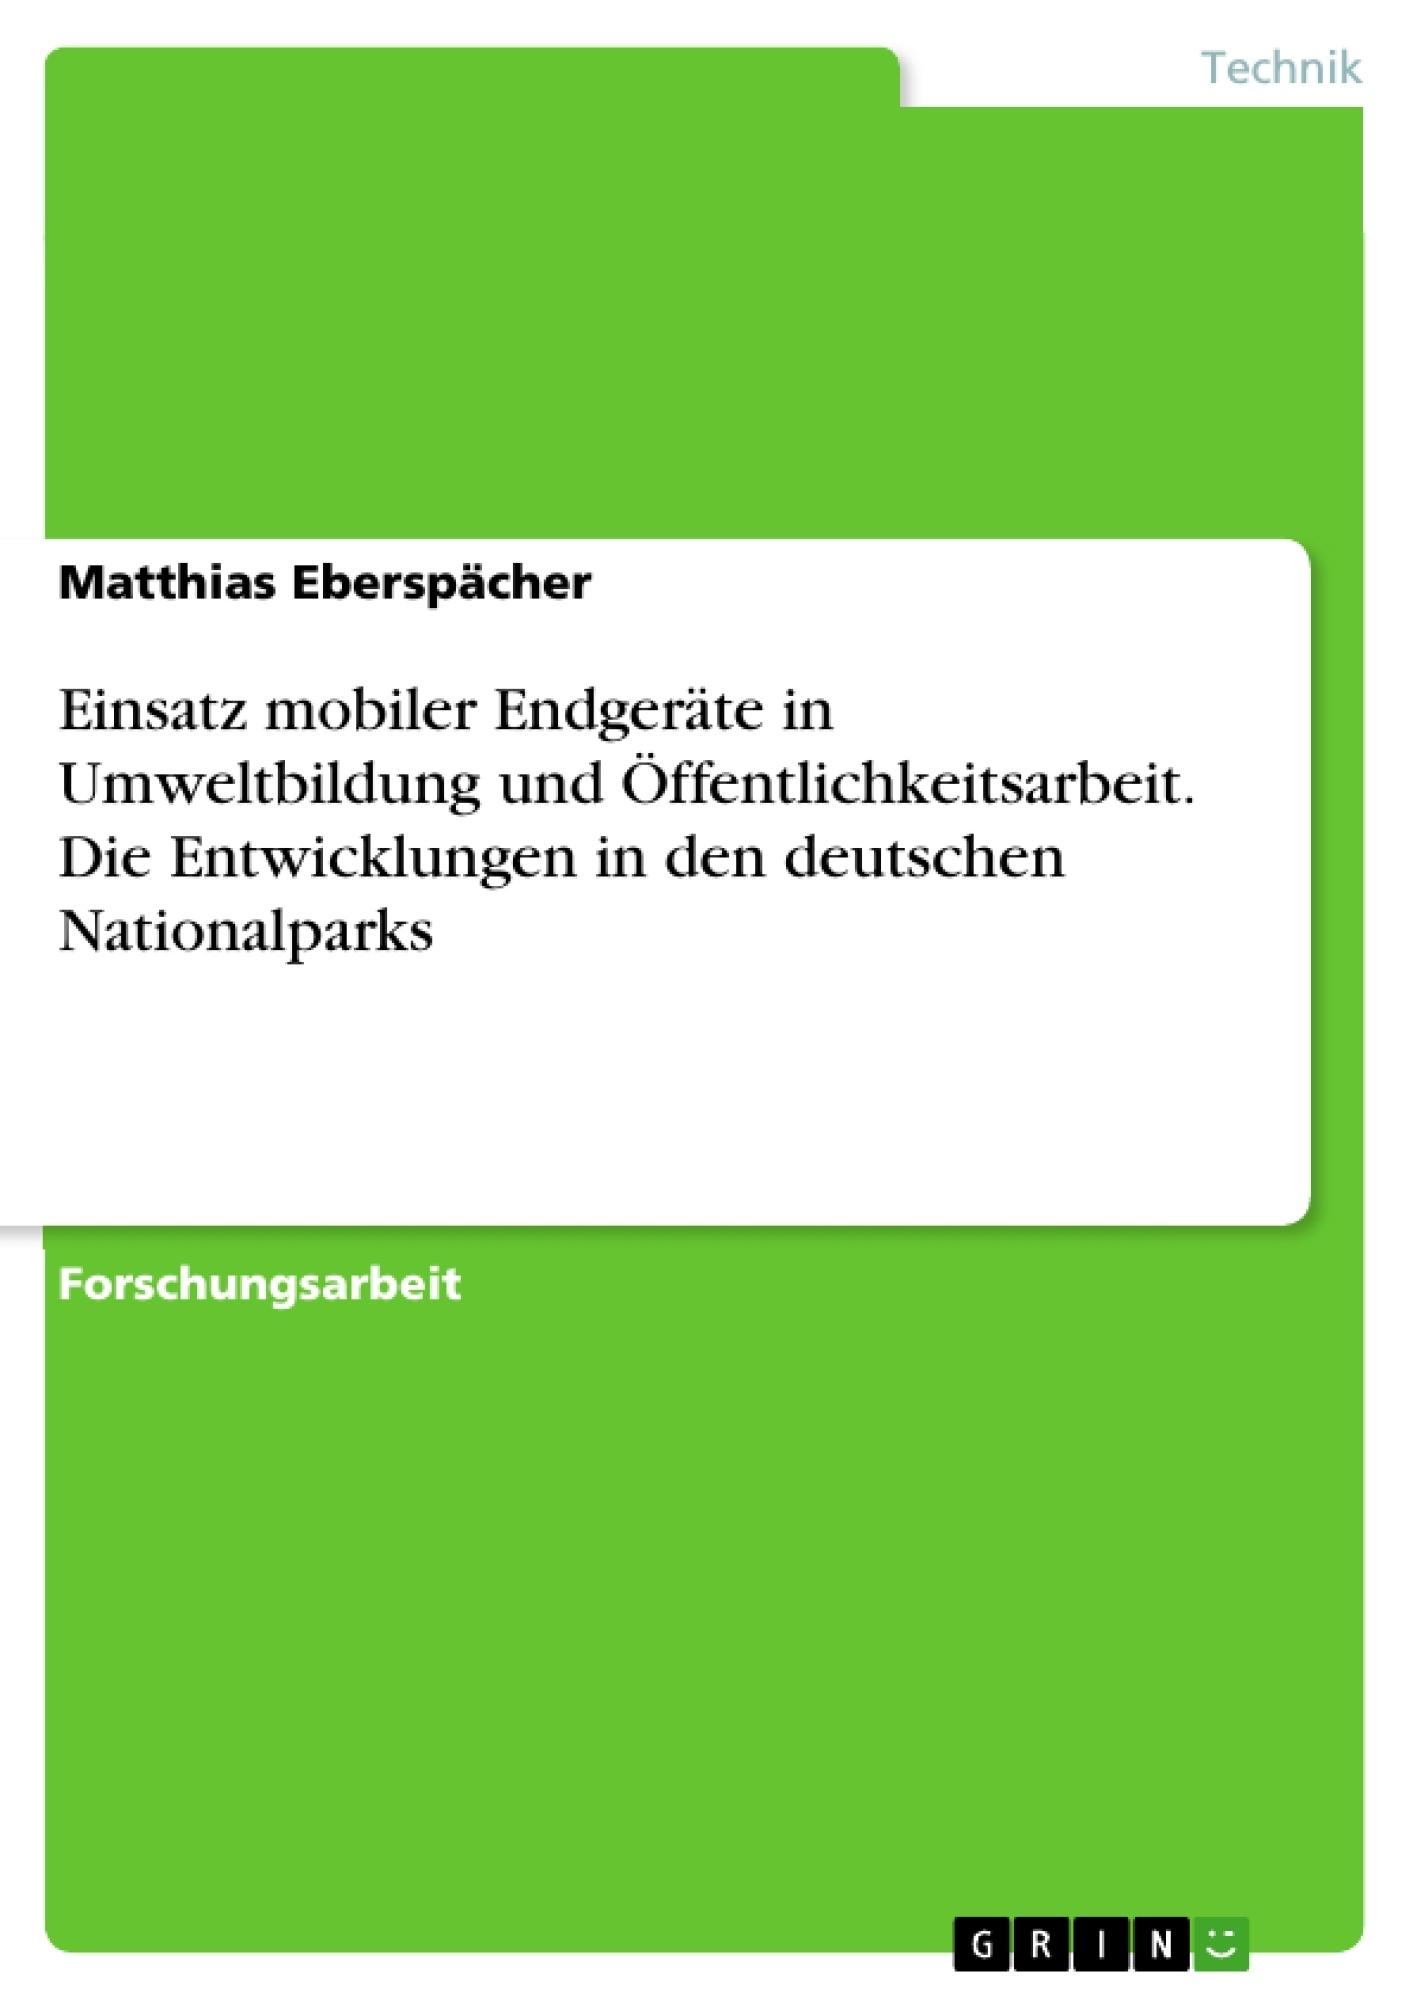 Titel: Einsatz mobiler Endgeräte in Umweltbildung und Öffentlichkeitsarbeit. Die Entwicklungen in den deutschen Nationalparks